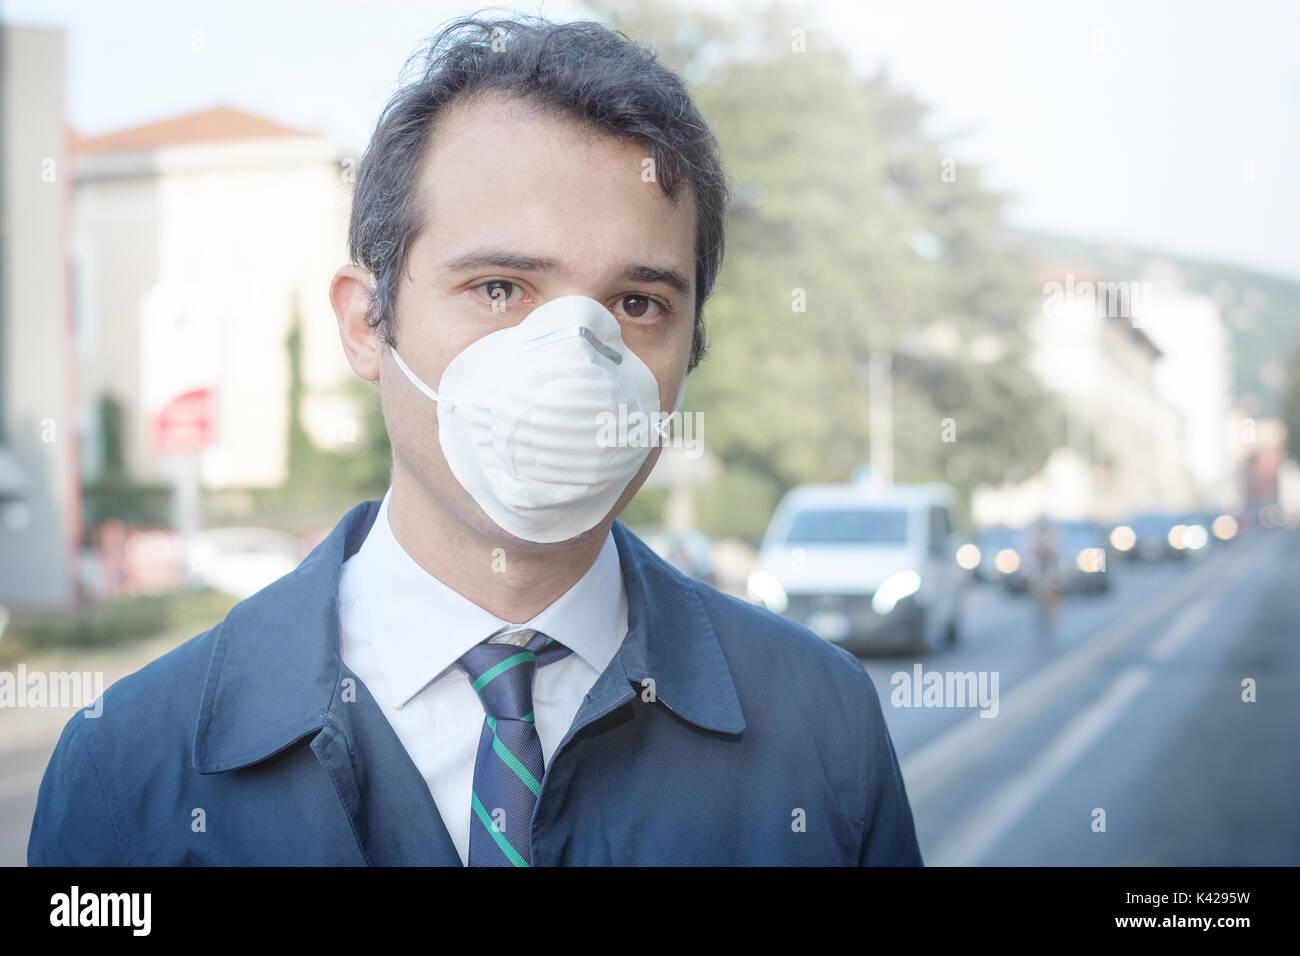 masque contre la pollution